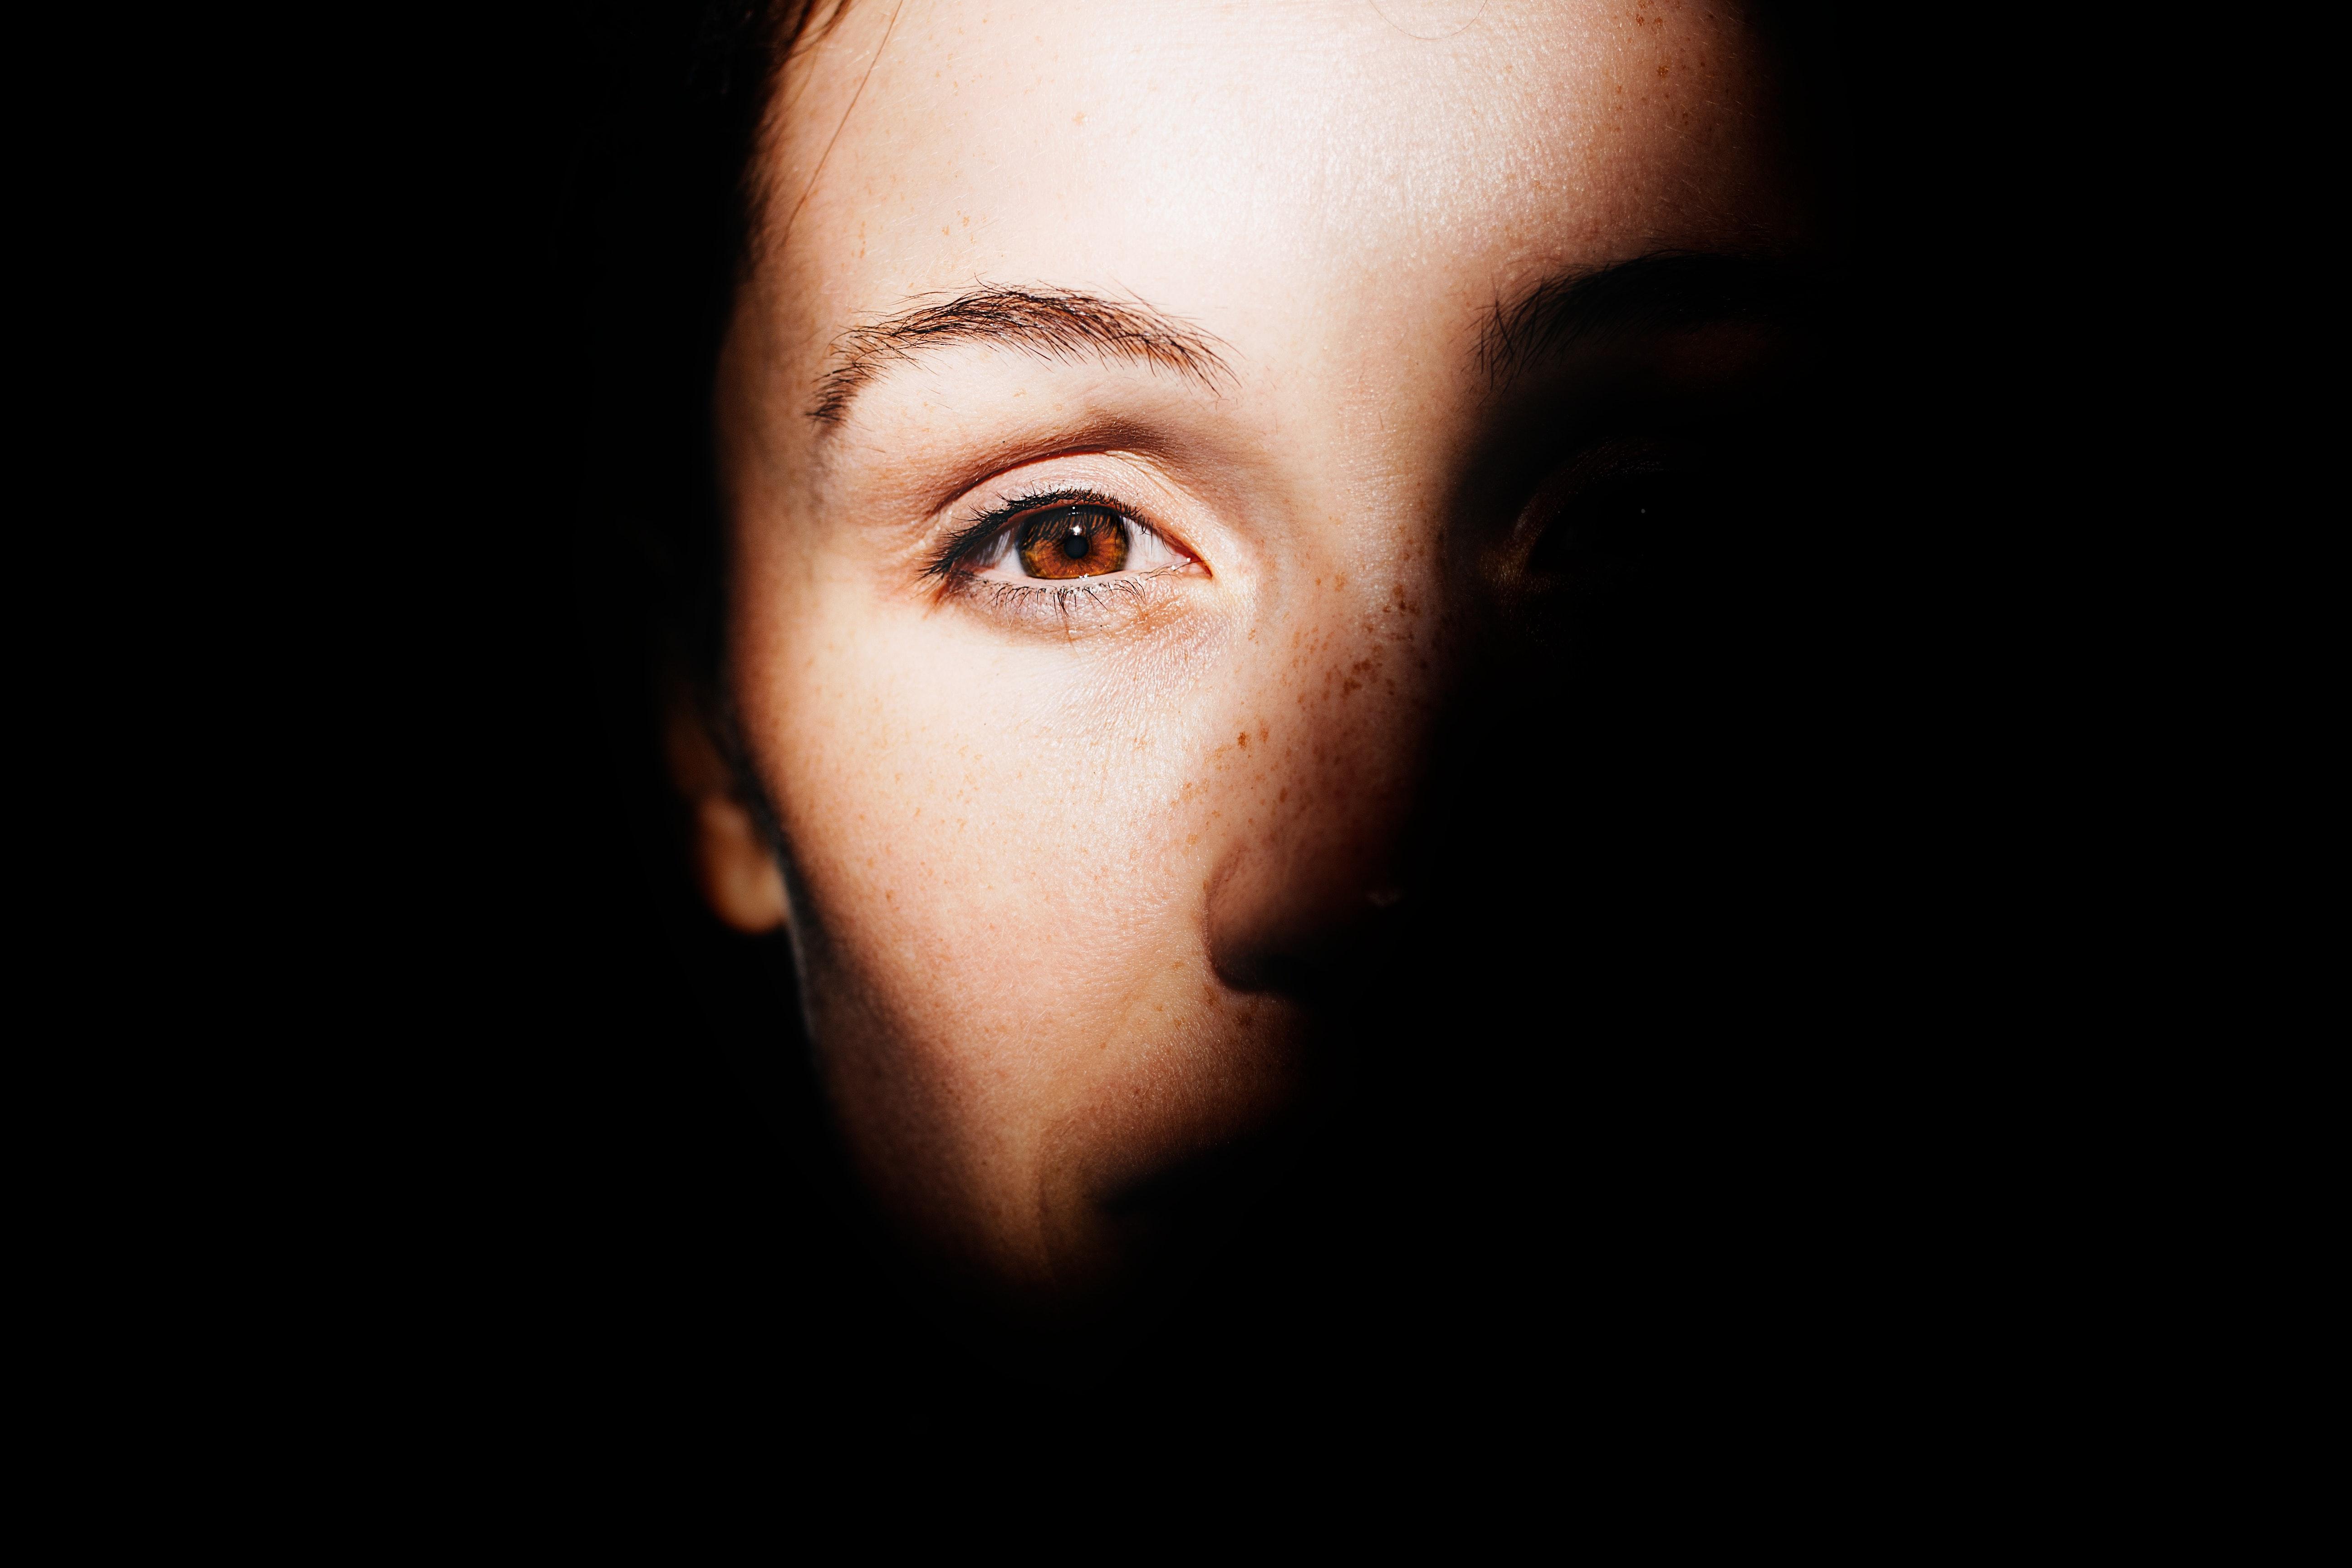 woman-left-eye-879178